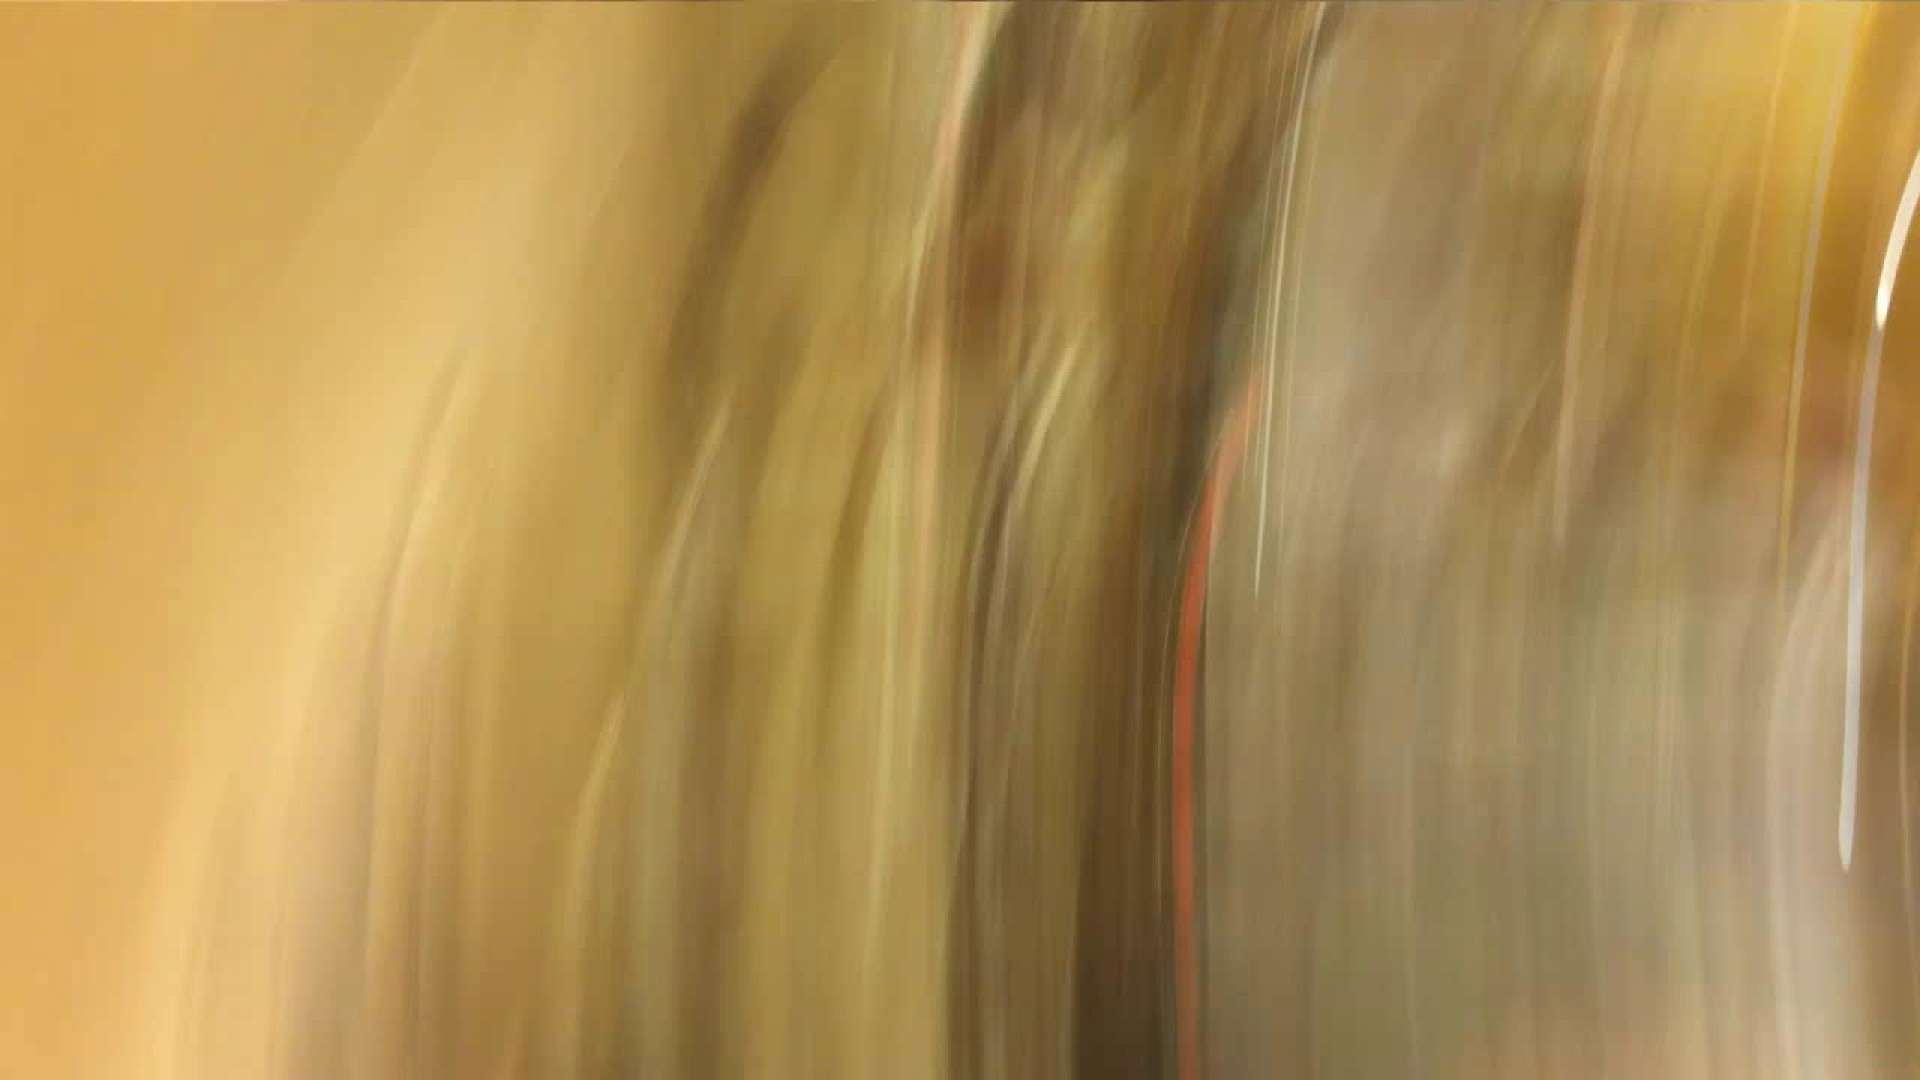 可愛いカリスマ店員限定‼胸チラ&パンチラ vol.09 胸チラ   OL女体  101連発 25